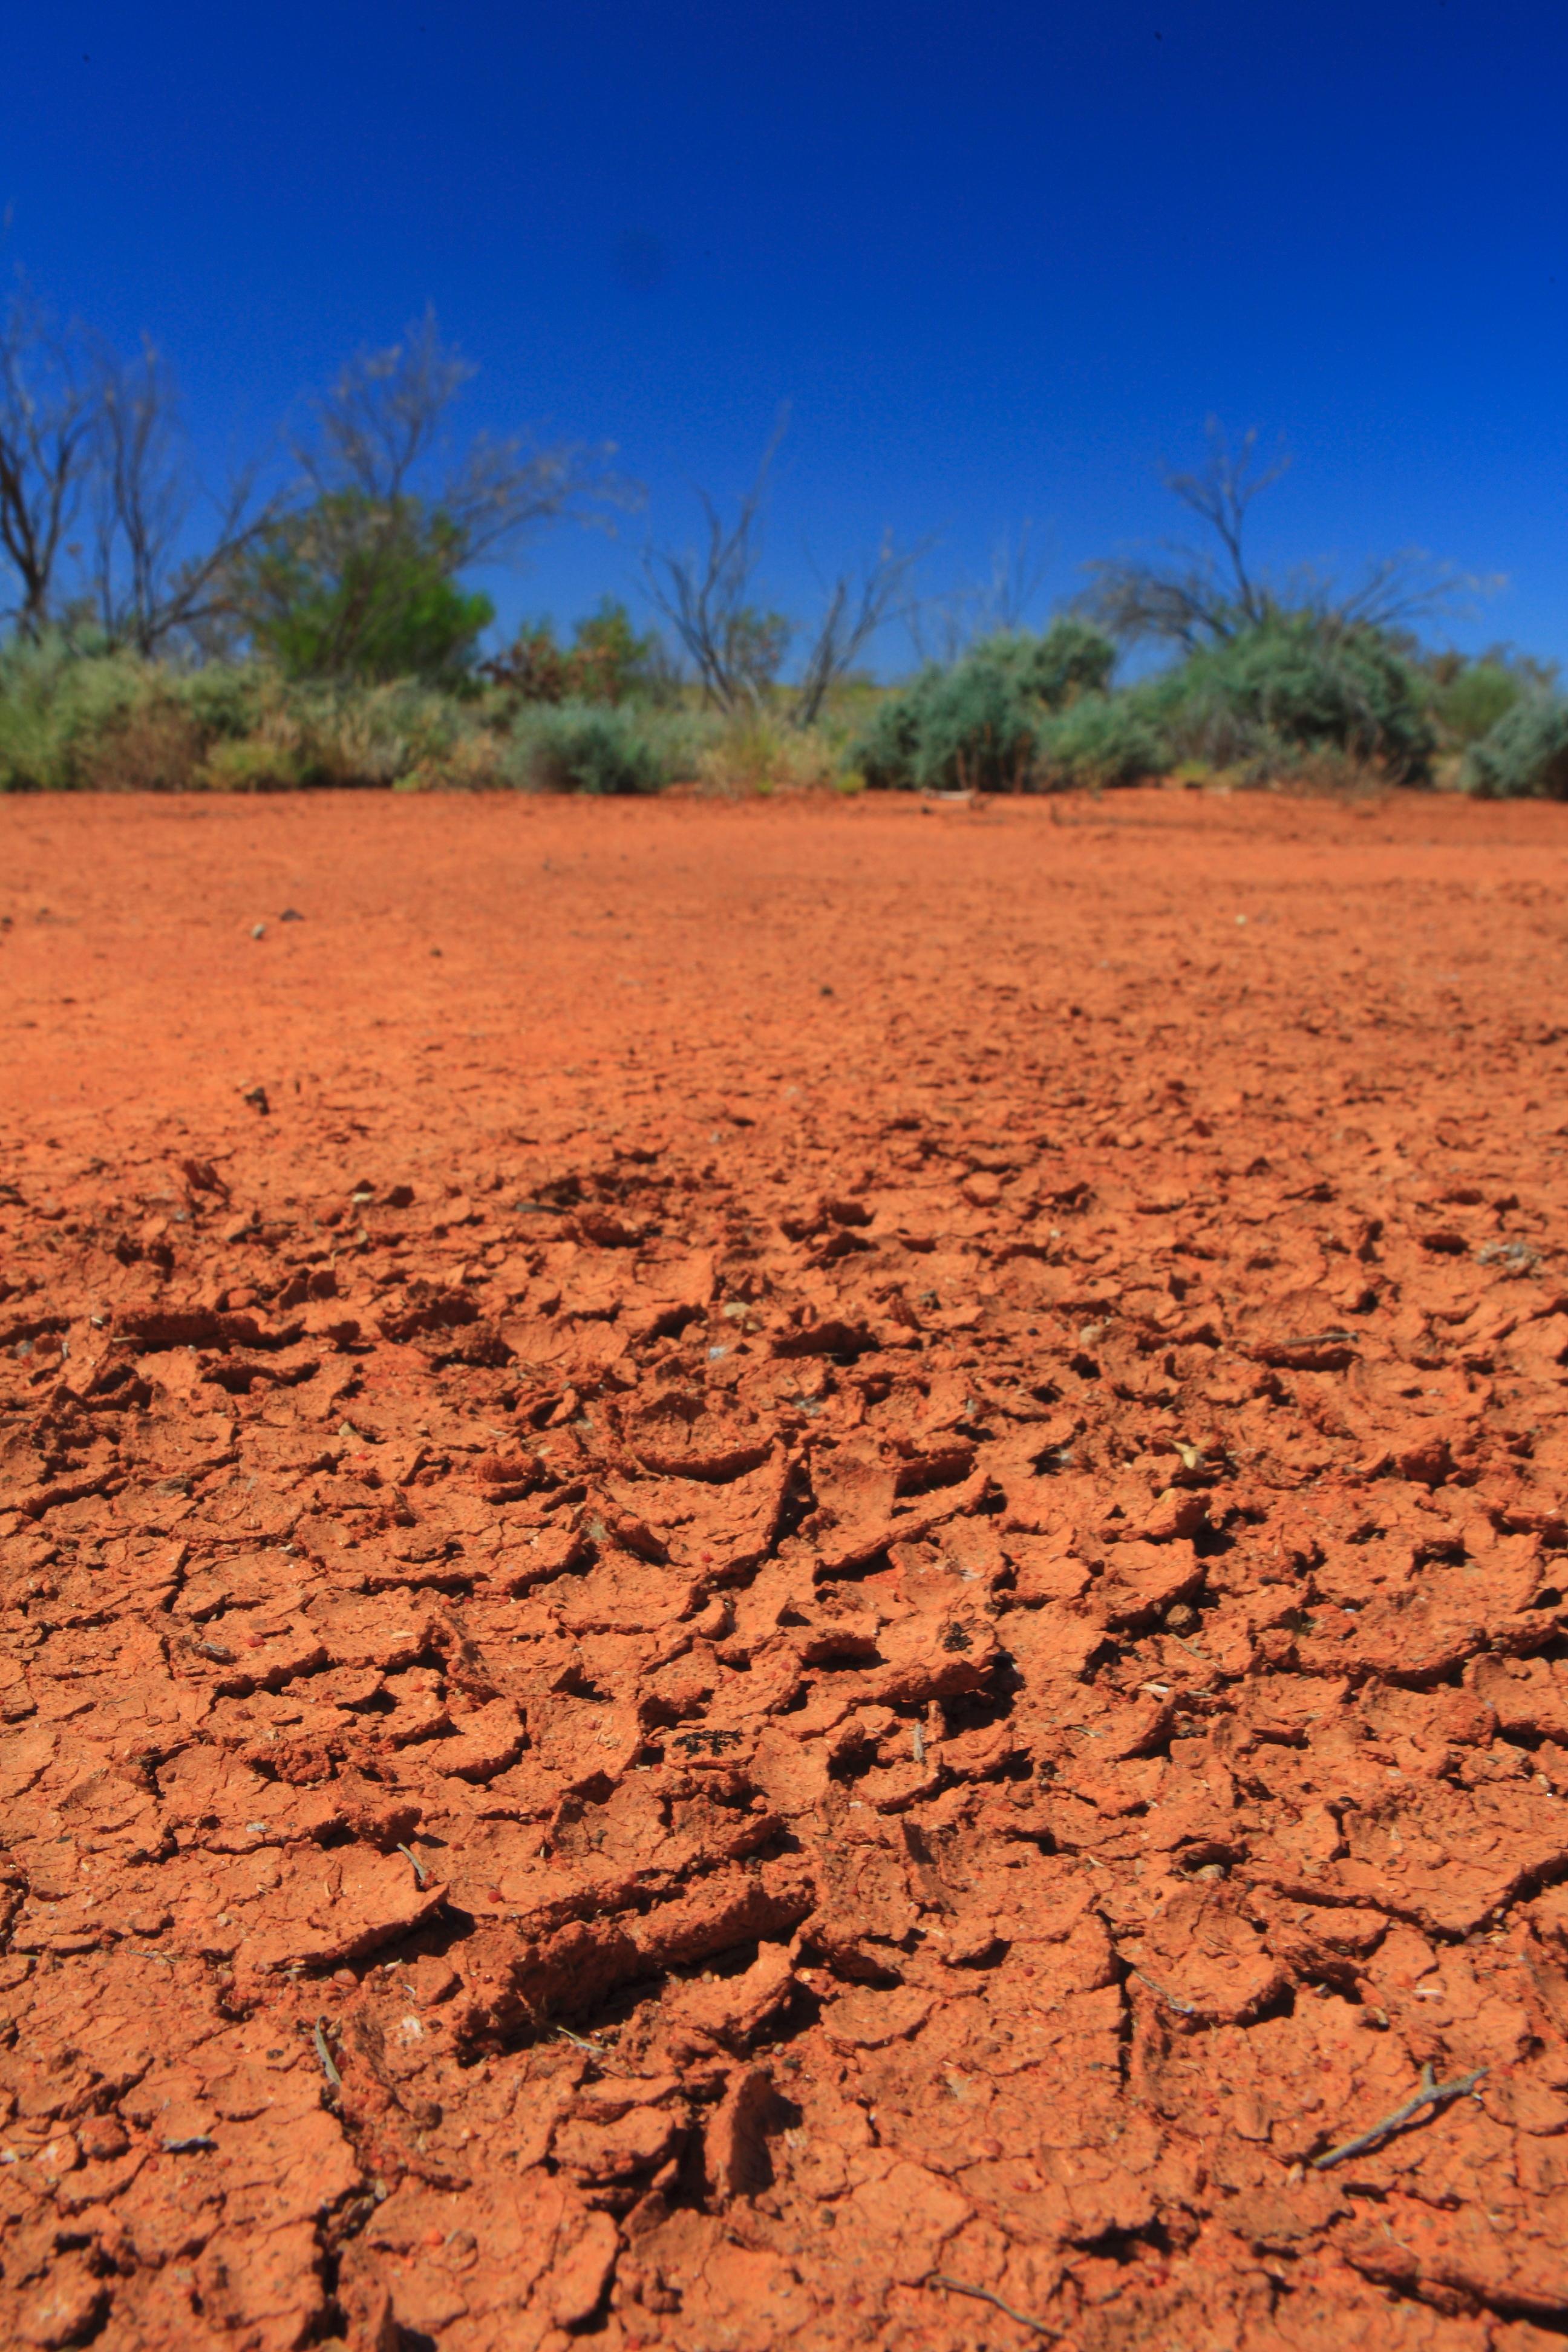 Australia_Outback_62